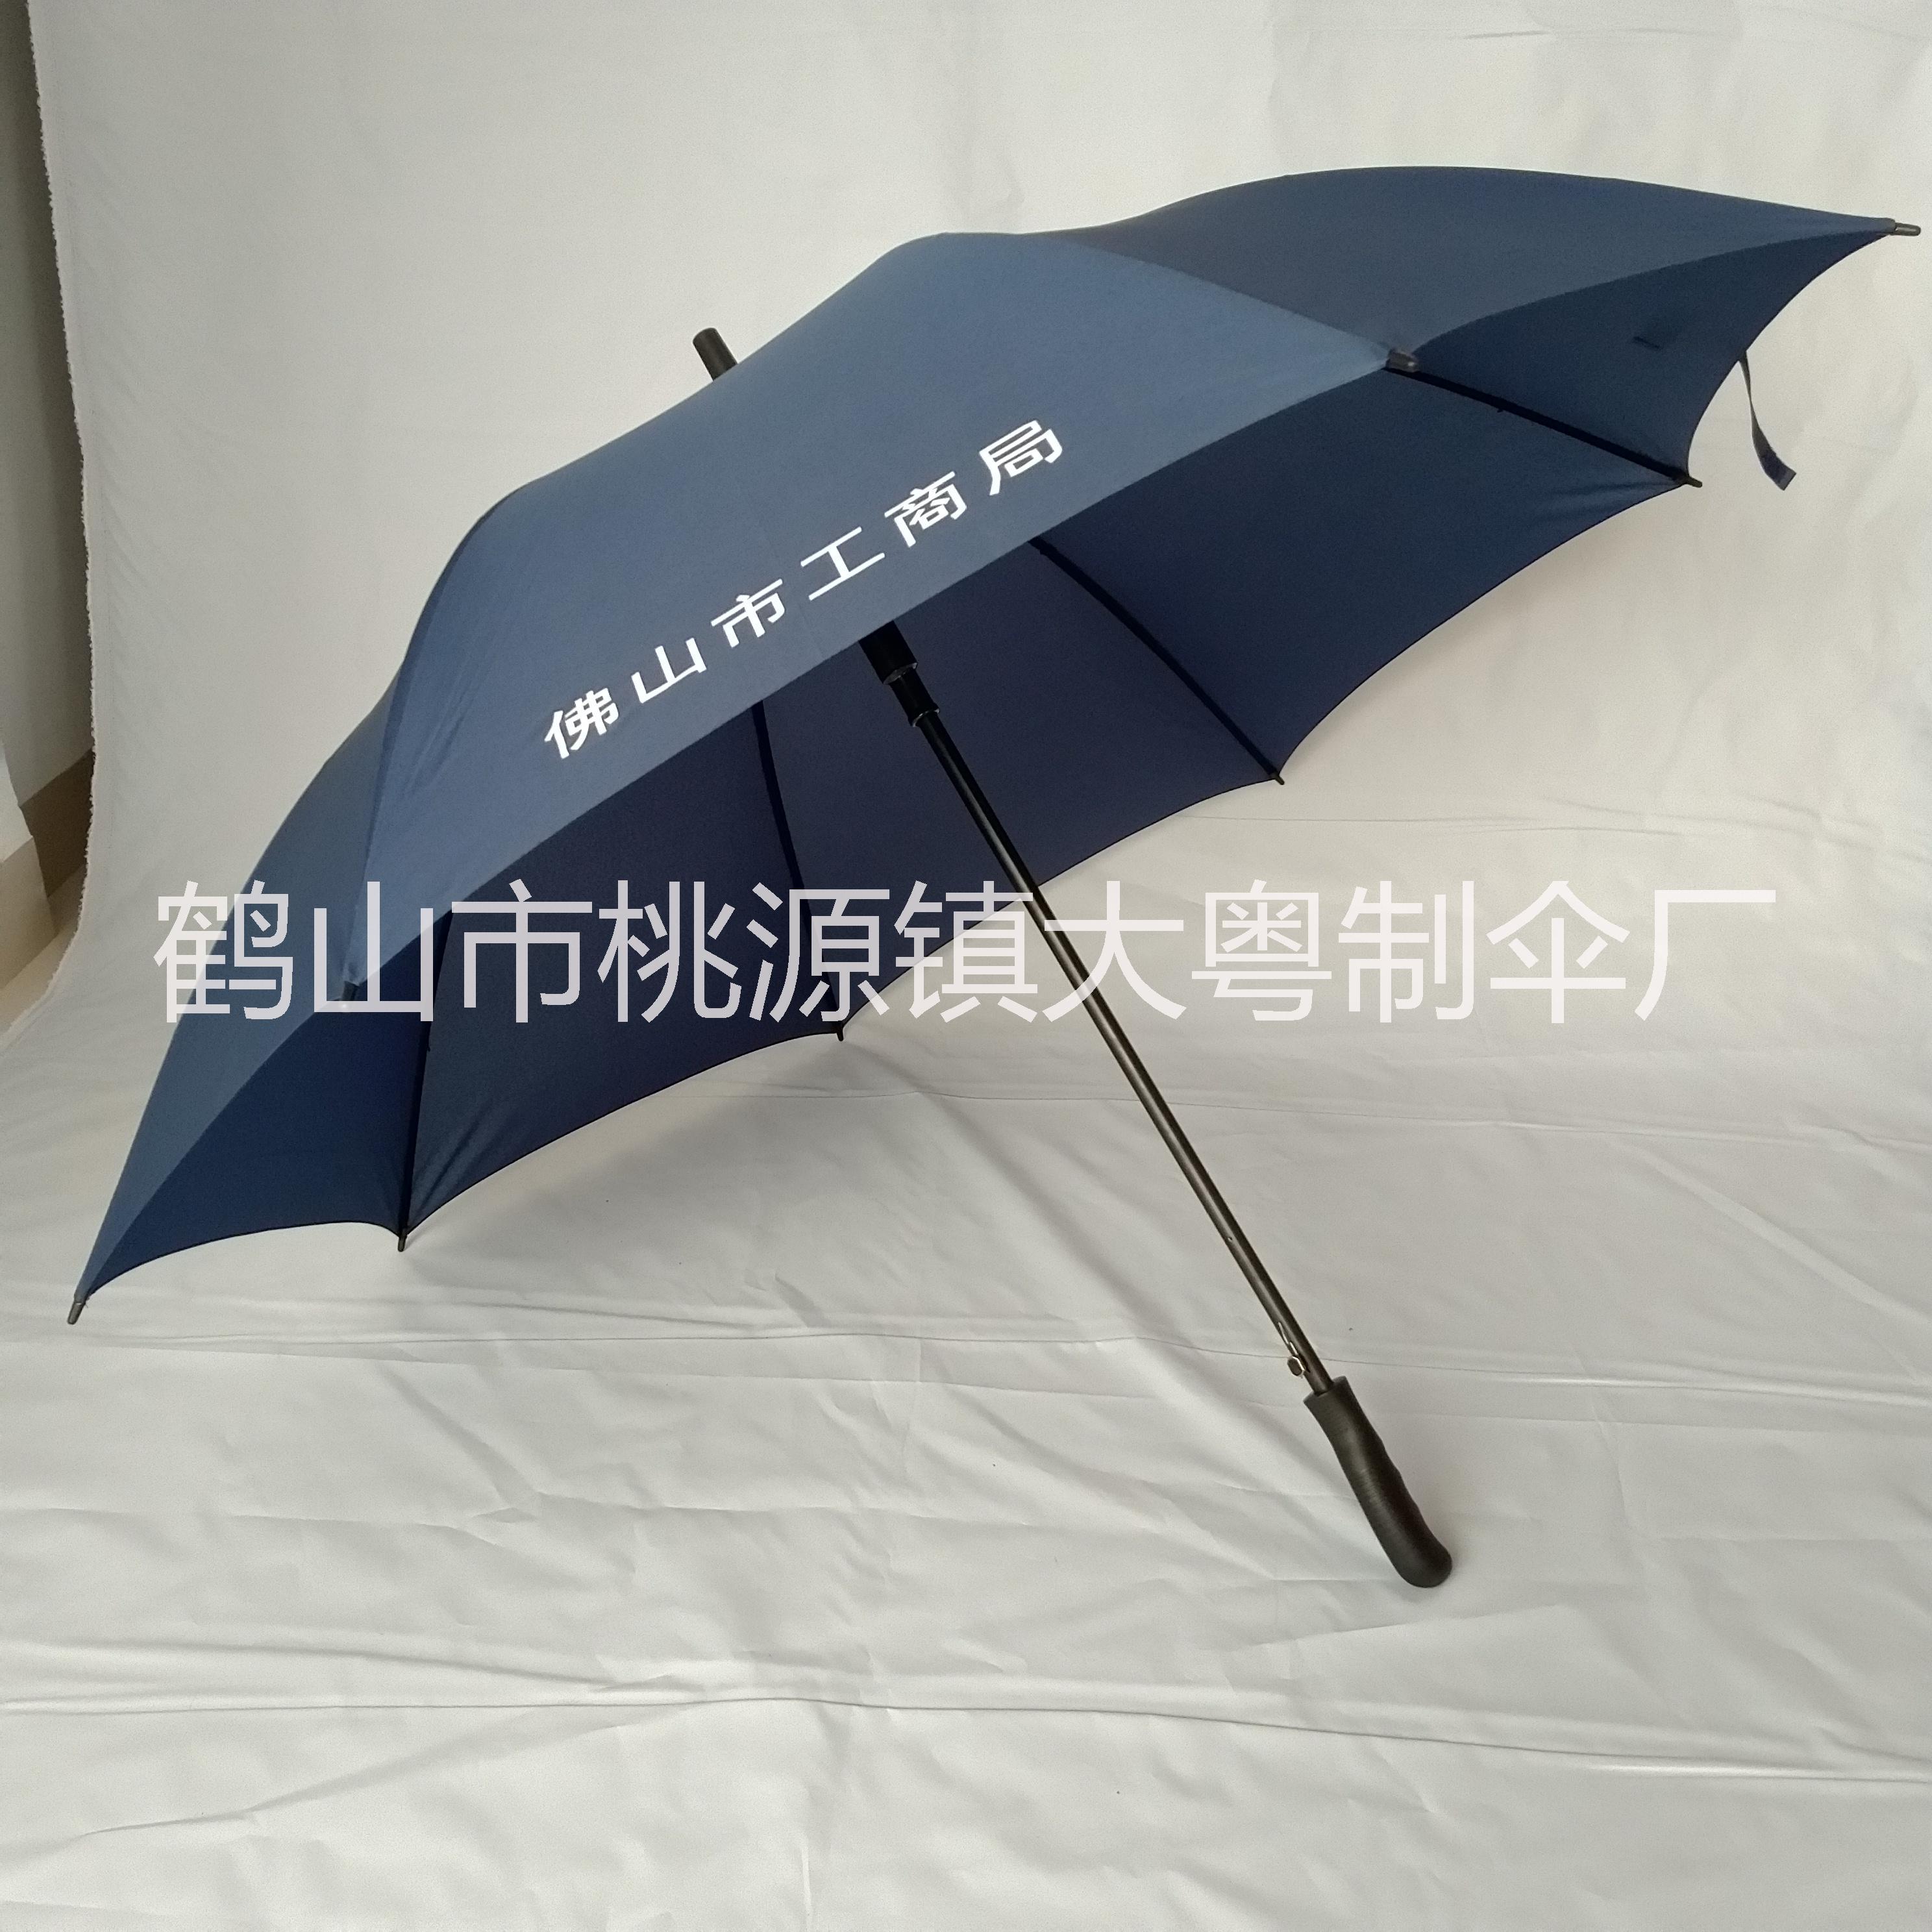 雨伞定制 供应各种广告雨伞定制 礼品伞制作批发 广告伞定制LOGO 全国直接发货